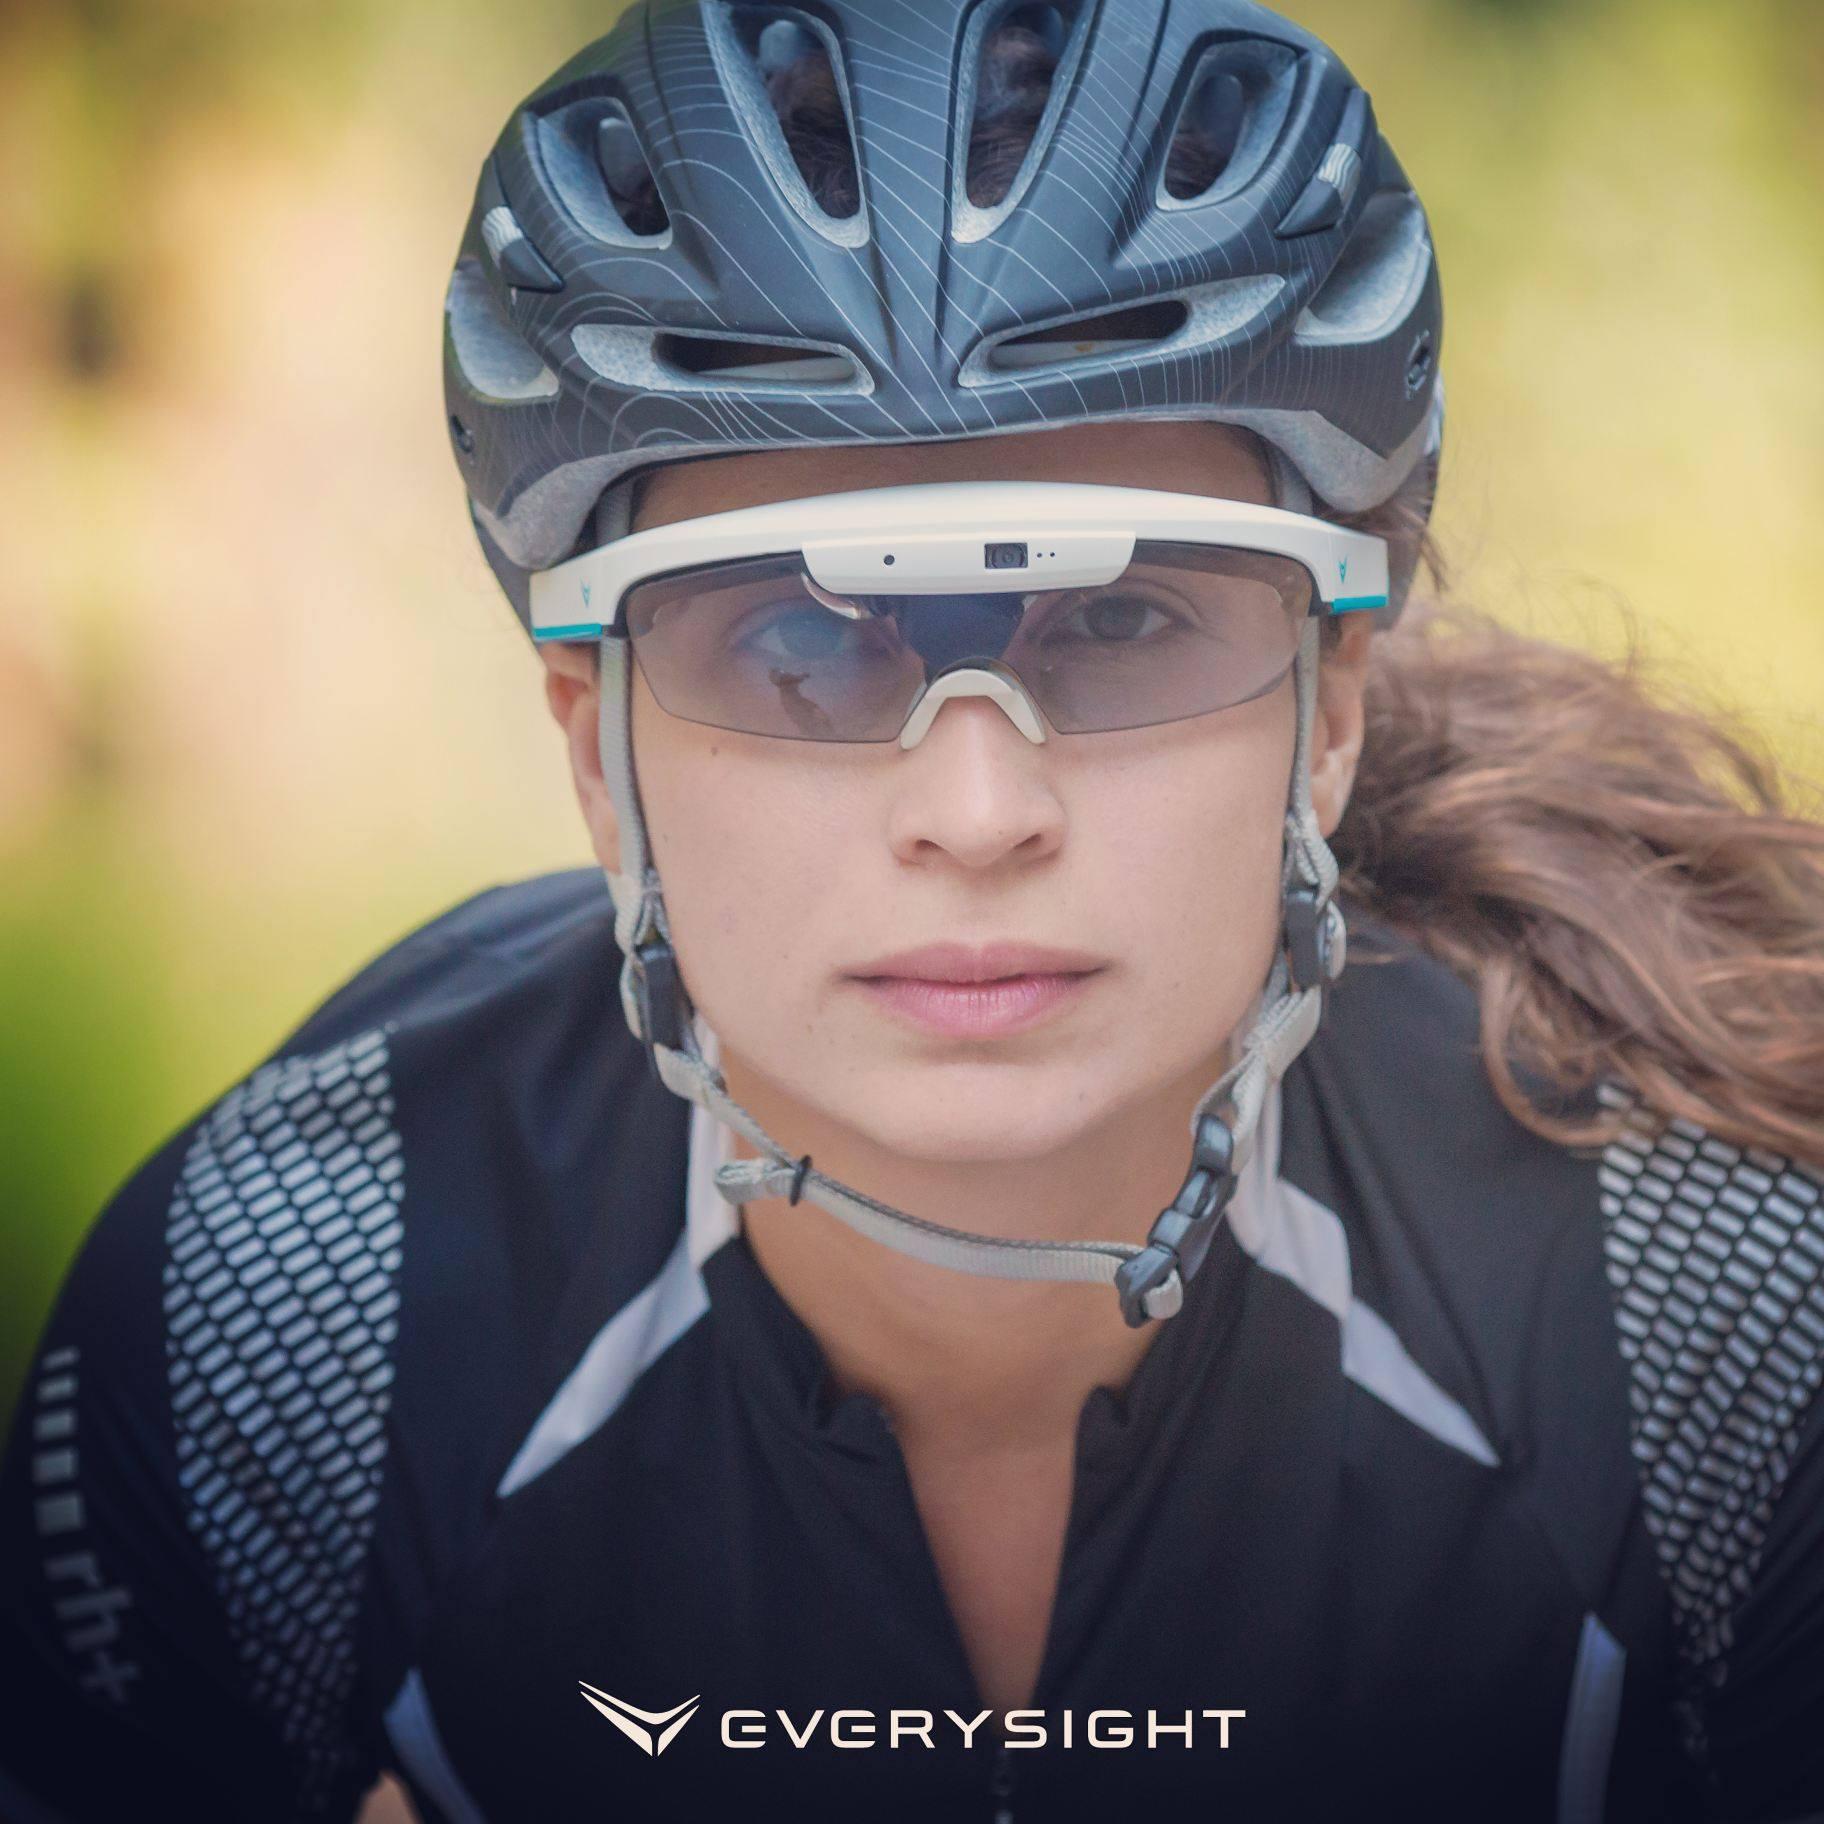 Gafas realidad aumentada ciclismo